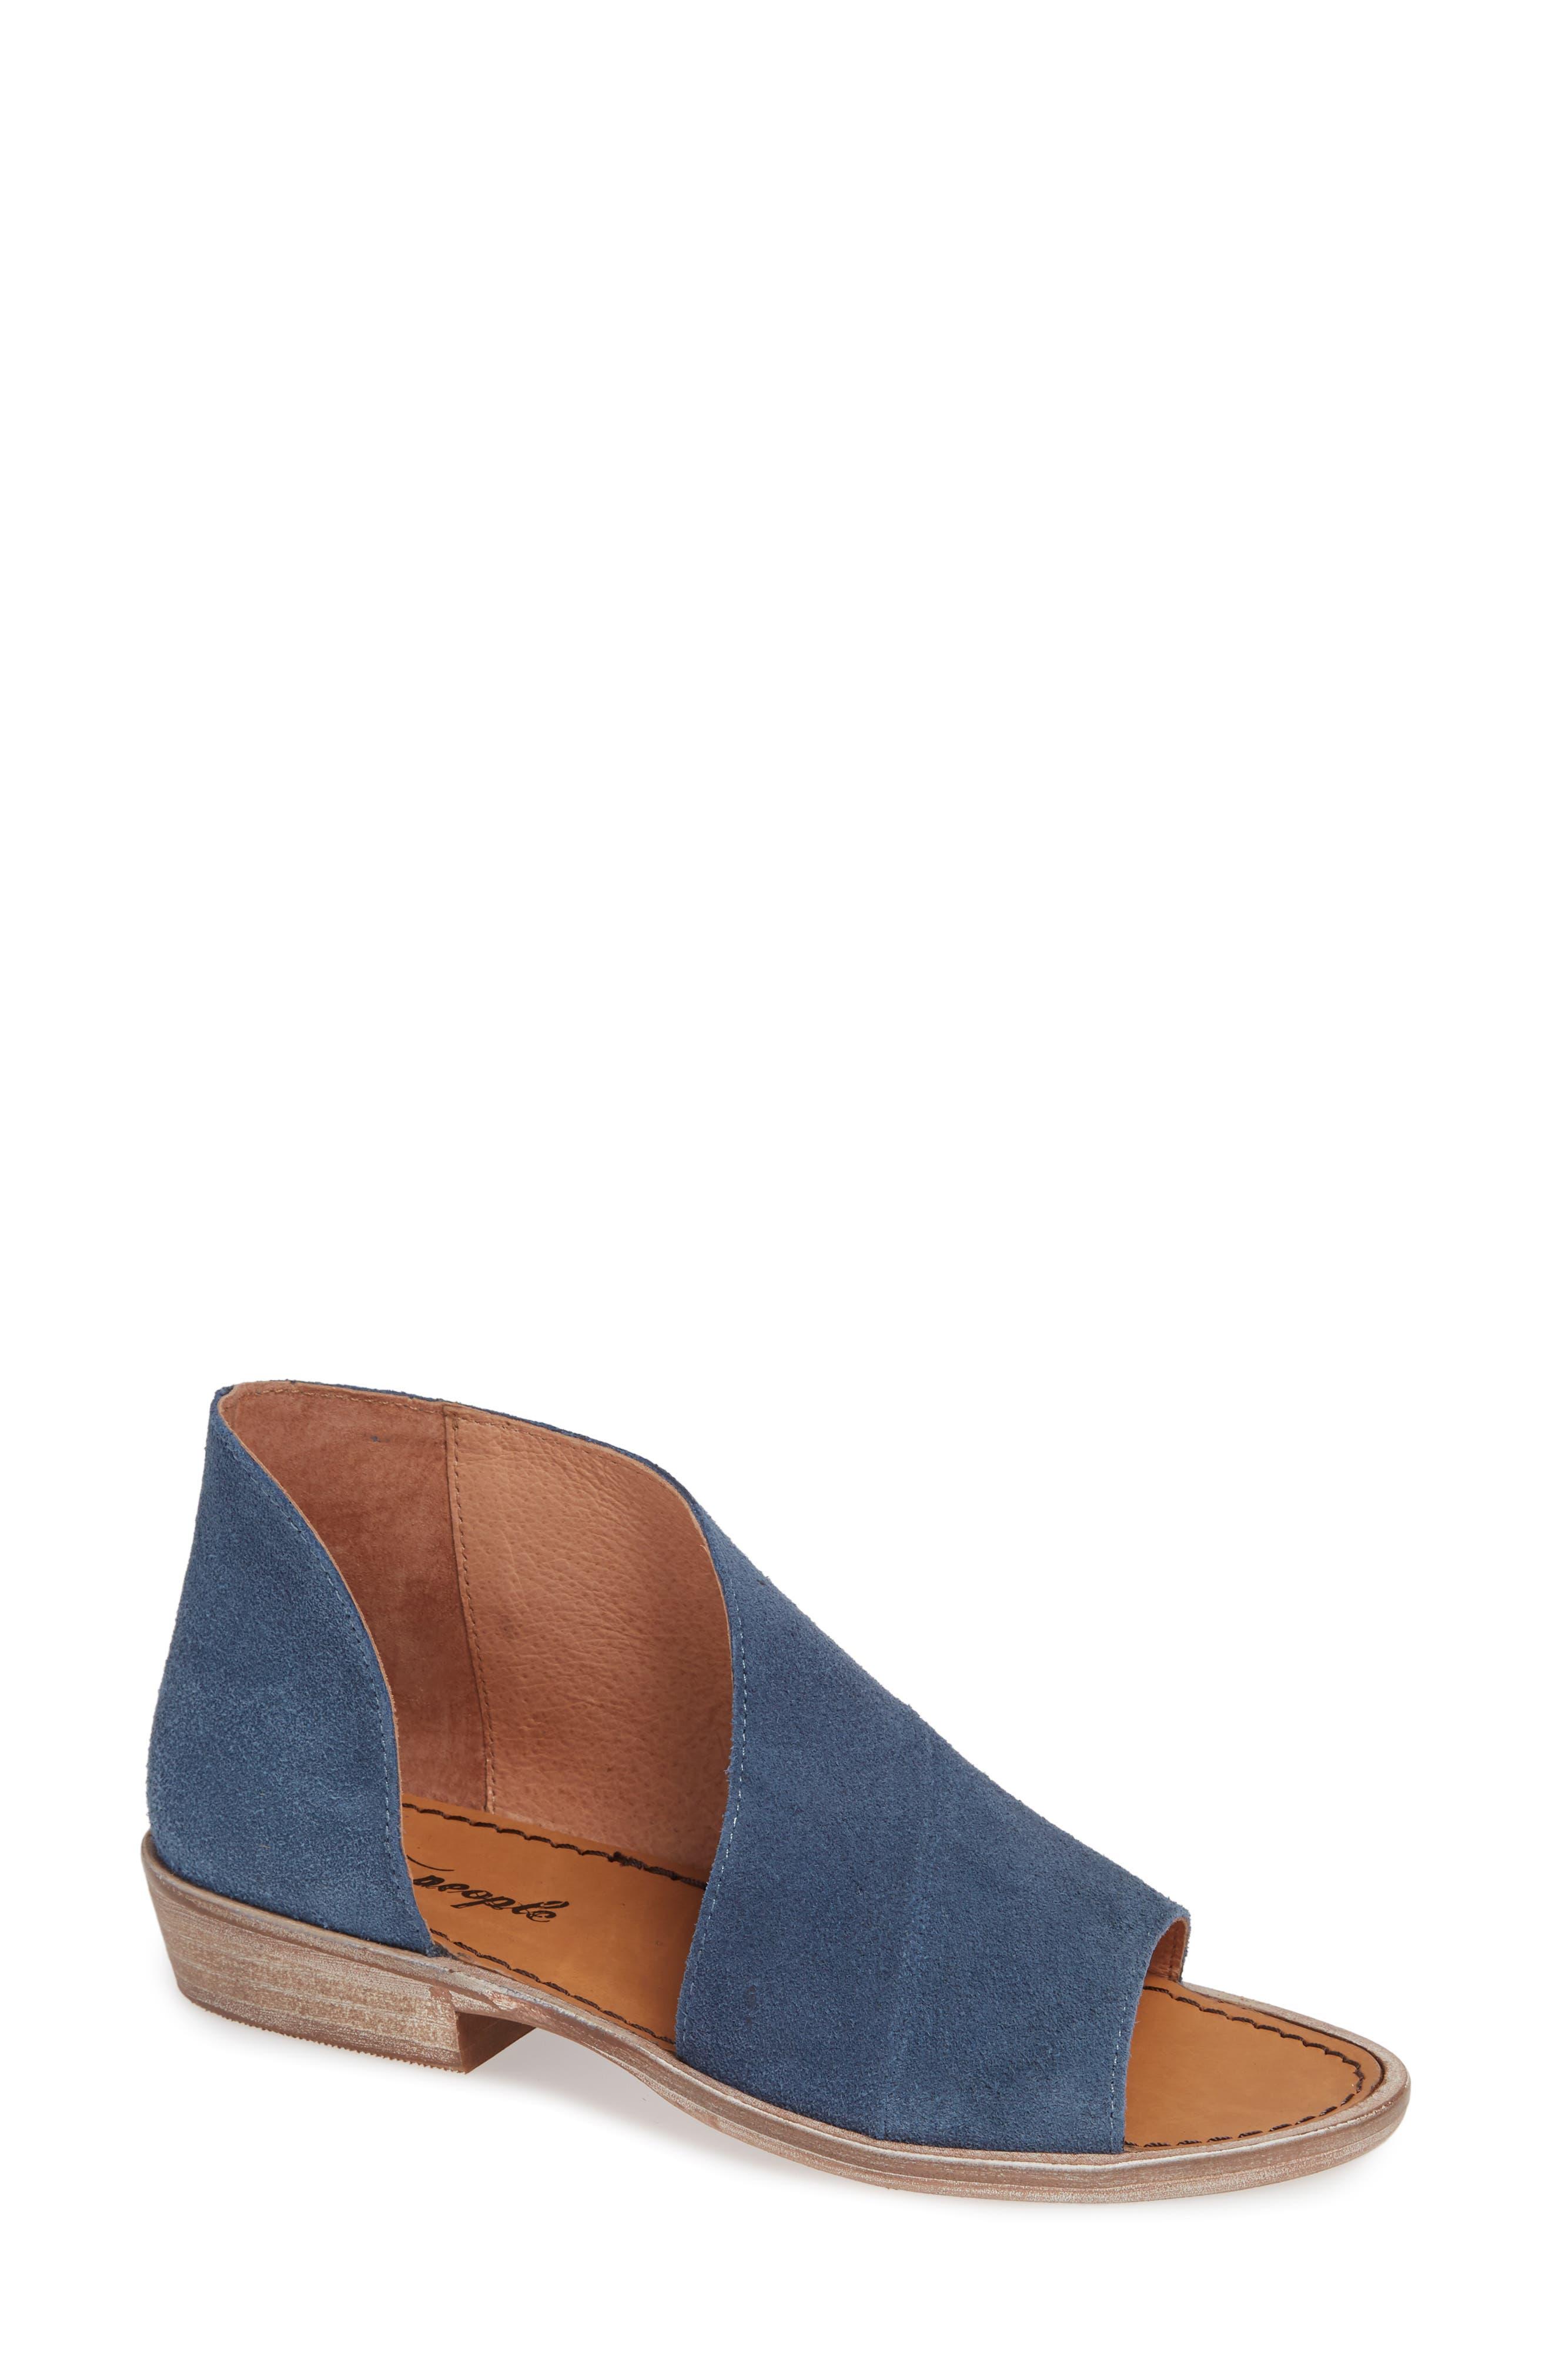 'Mont Blanc' Asymmetrical Sandal,                             Main thumbnail 1, color,                             BLUE SUEDE